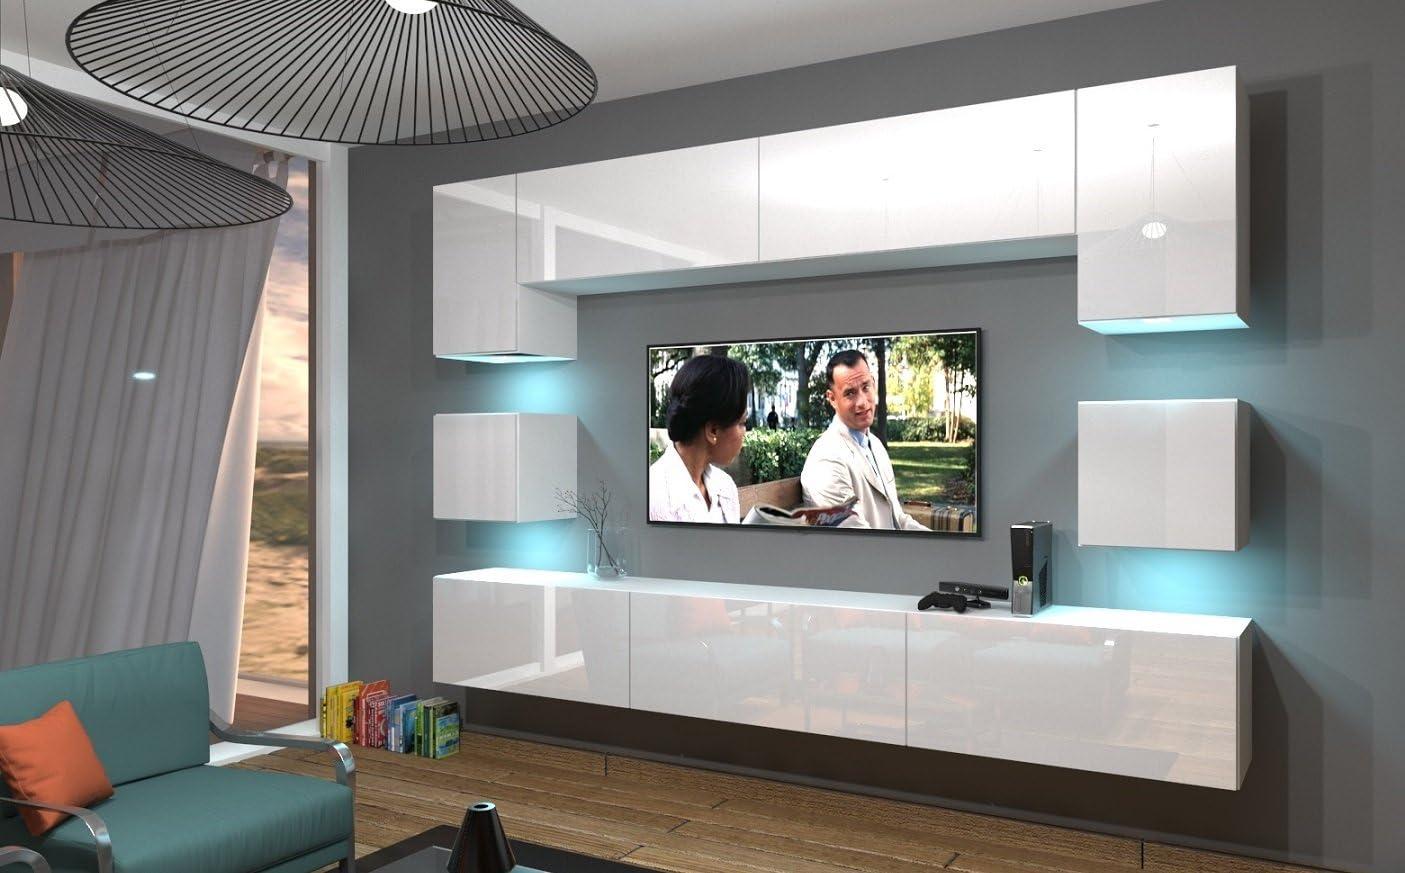 Home Direct NOWARA N15, Modernes Wohnzimmer, Wohnwände, Wohnschränke,  Schrankwand (Weiß MAT Base/Weiß HG Front, LED RGB 156 Farben)